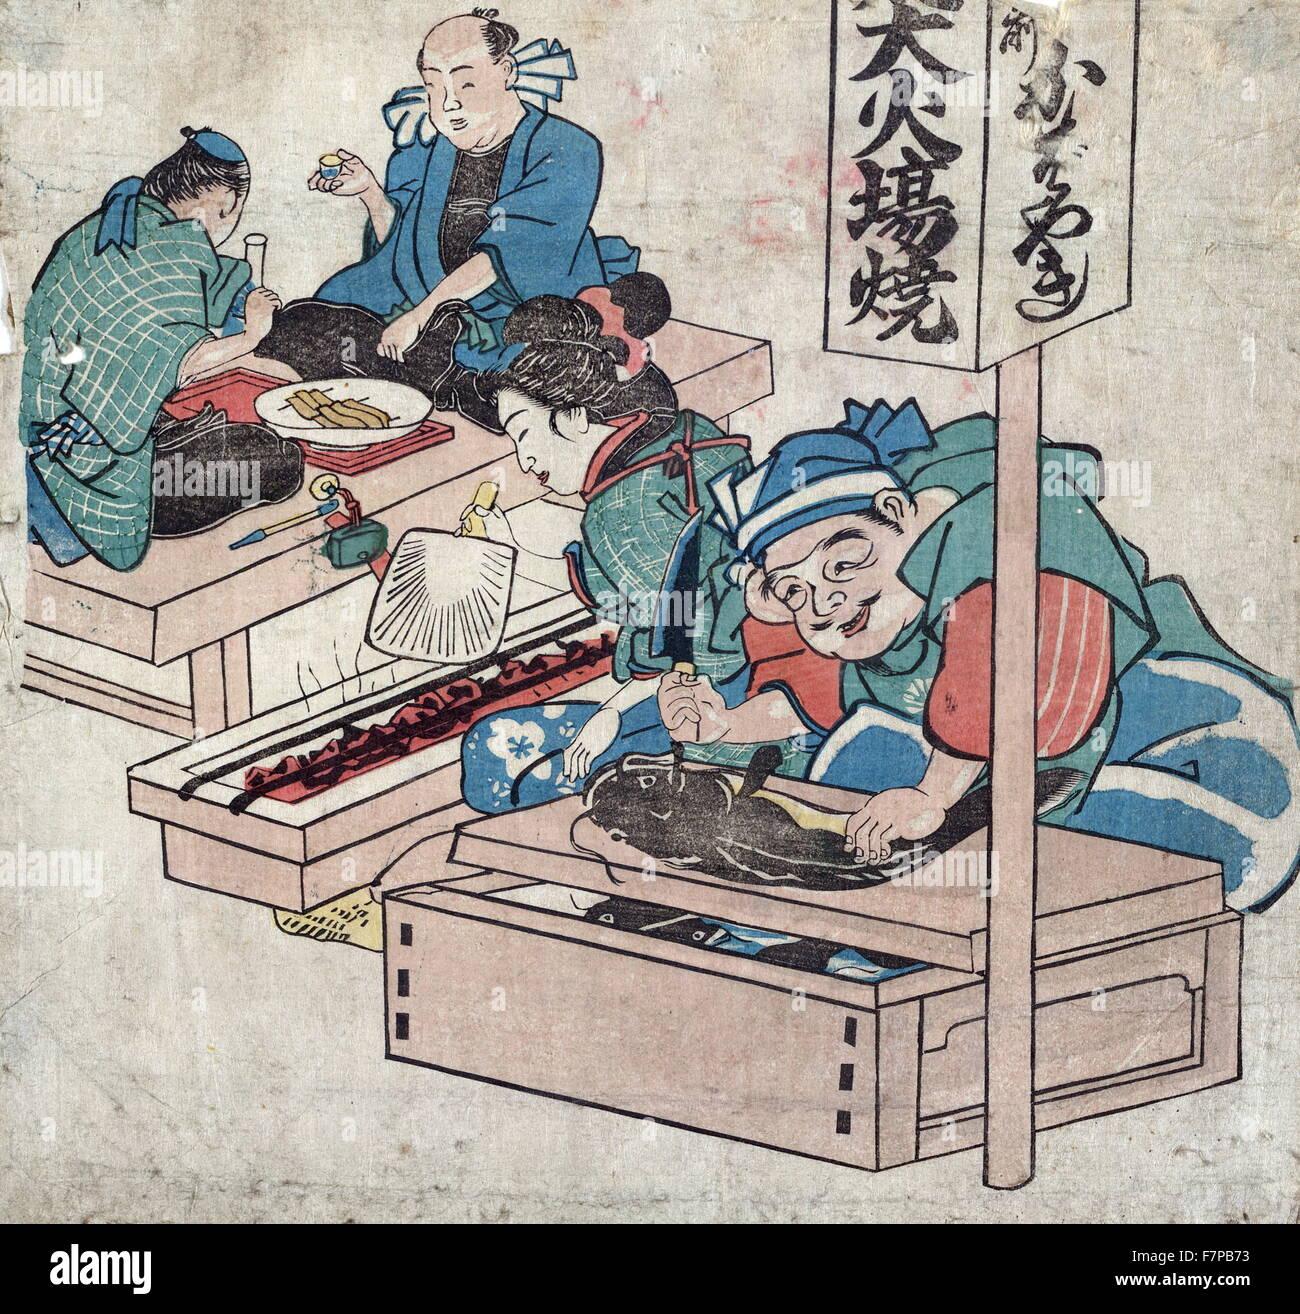 Ebisu E Pesce Gatto Illustrazione Disegnata Da Hokusai Stampa Di